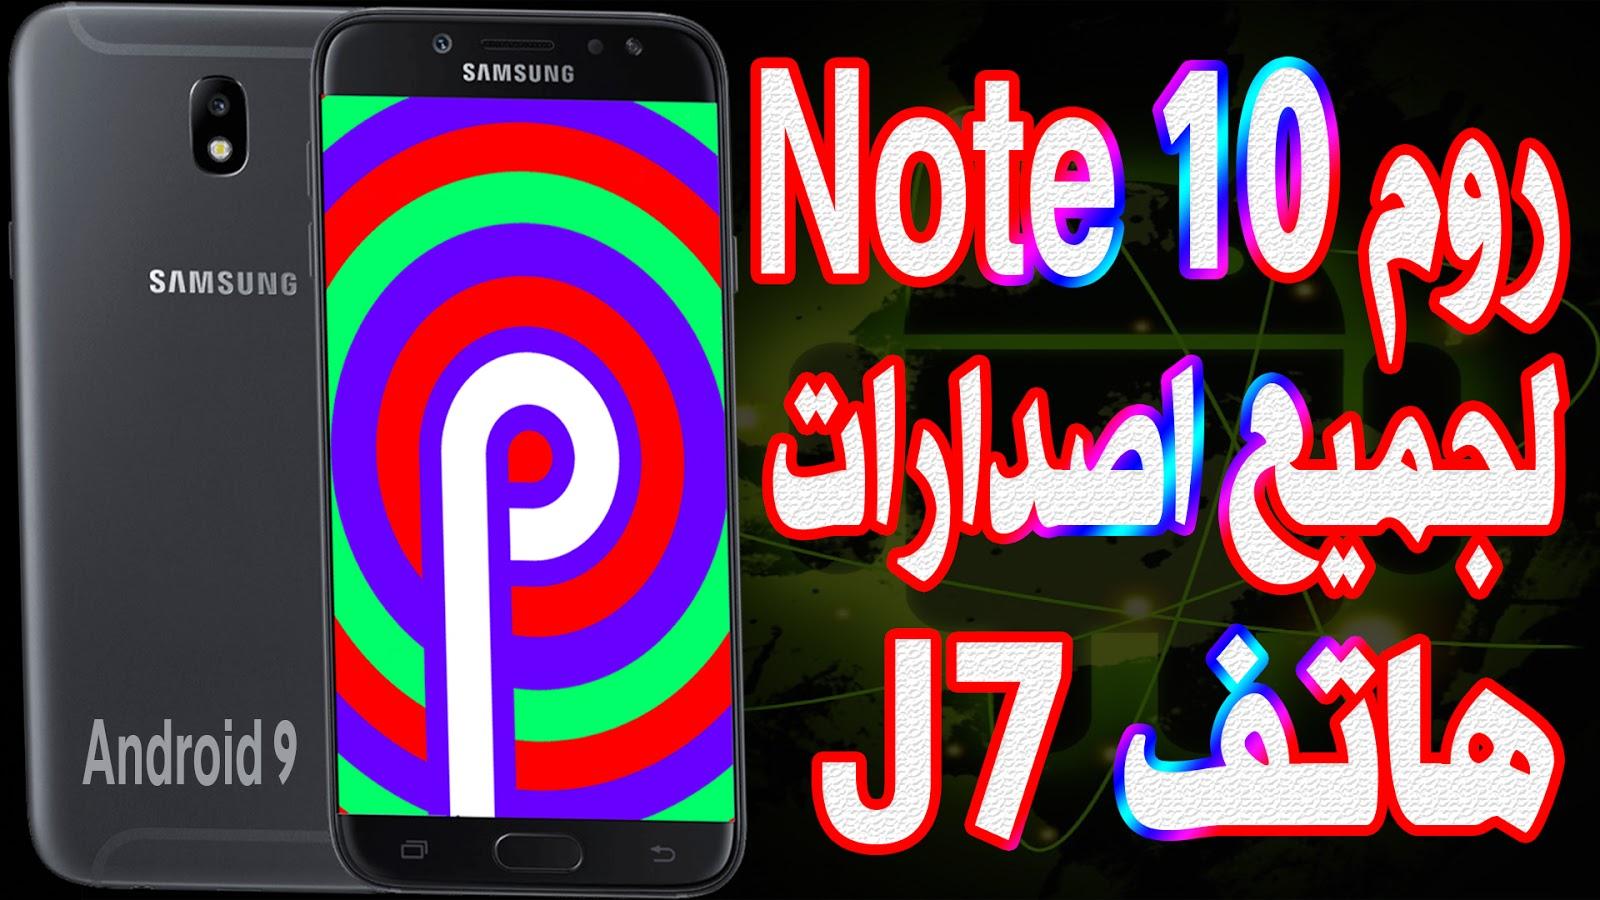 تحميل روم هاتف Note 10 اصدار Android 9 بمميزاتة الرائعة وتركيبها علي هاتف J 7 بكل اصداراتة - rom note 10 for J7